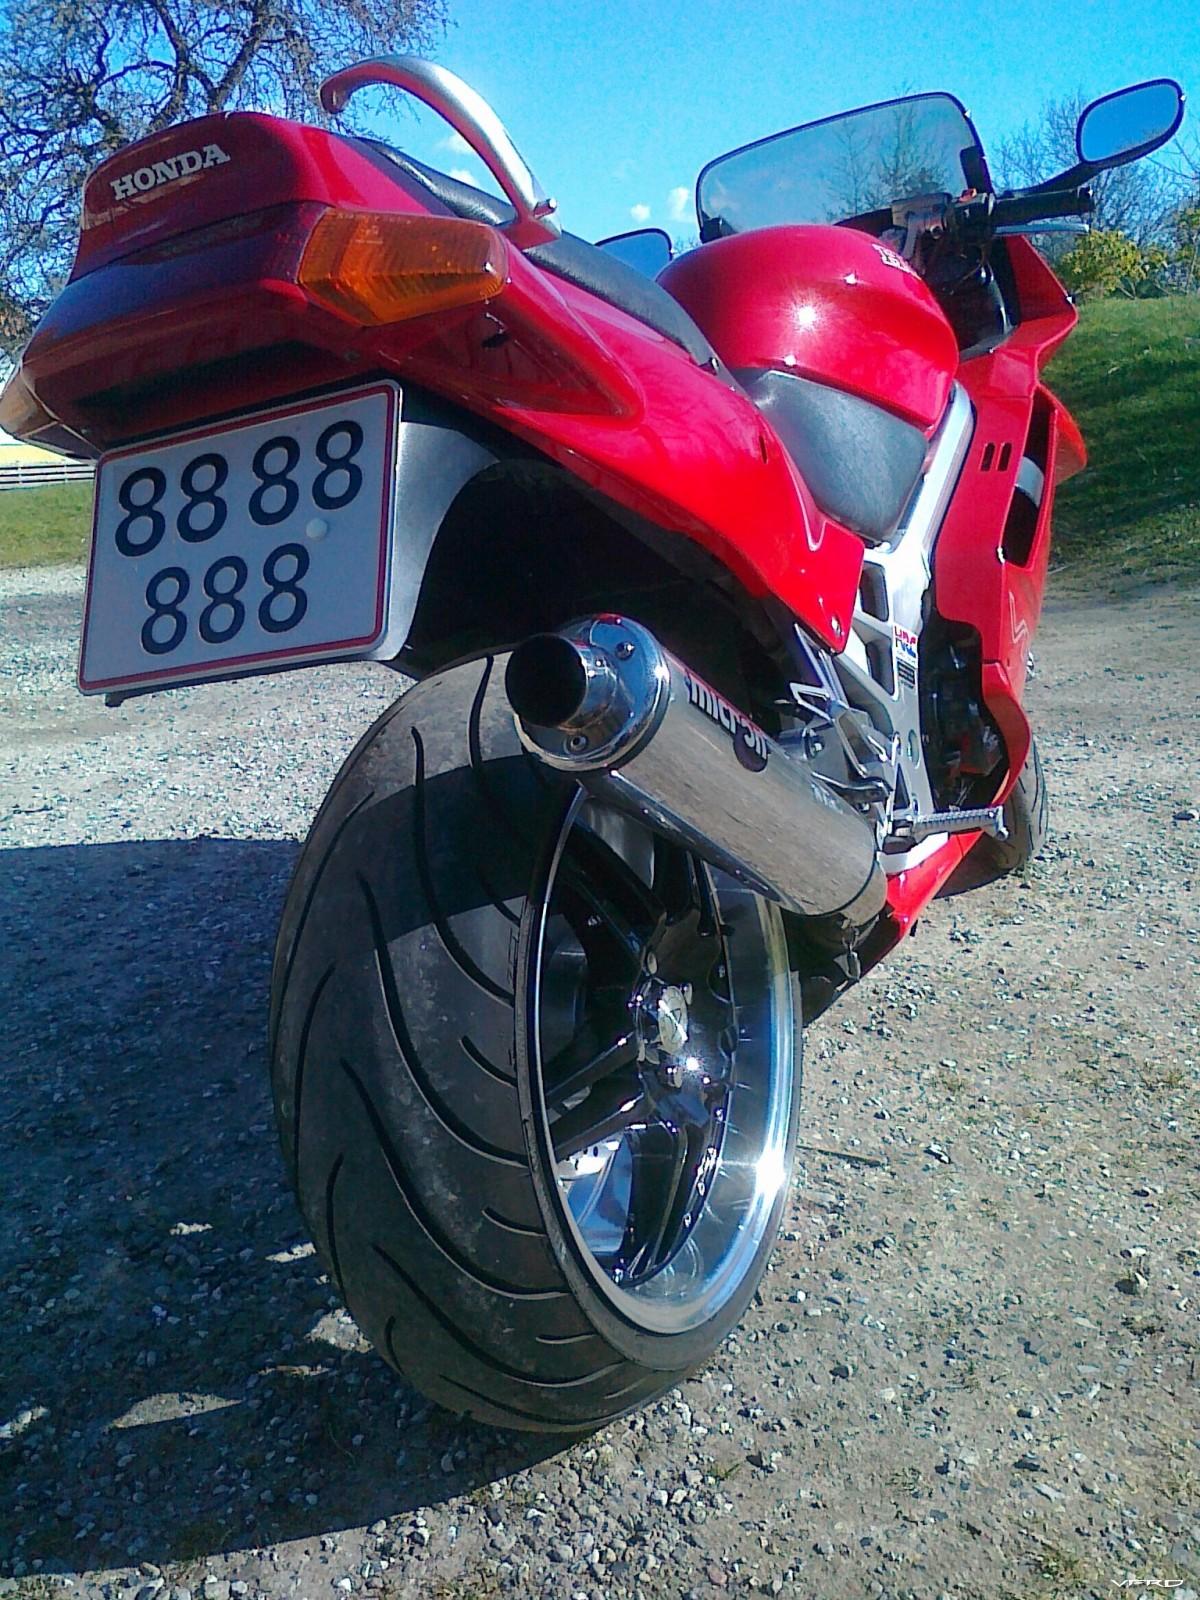 my new rear